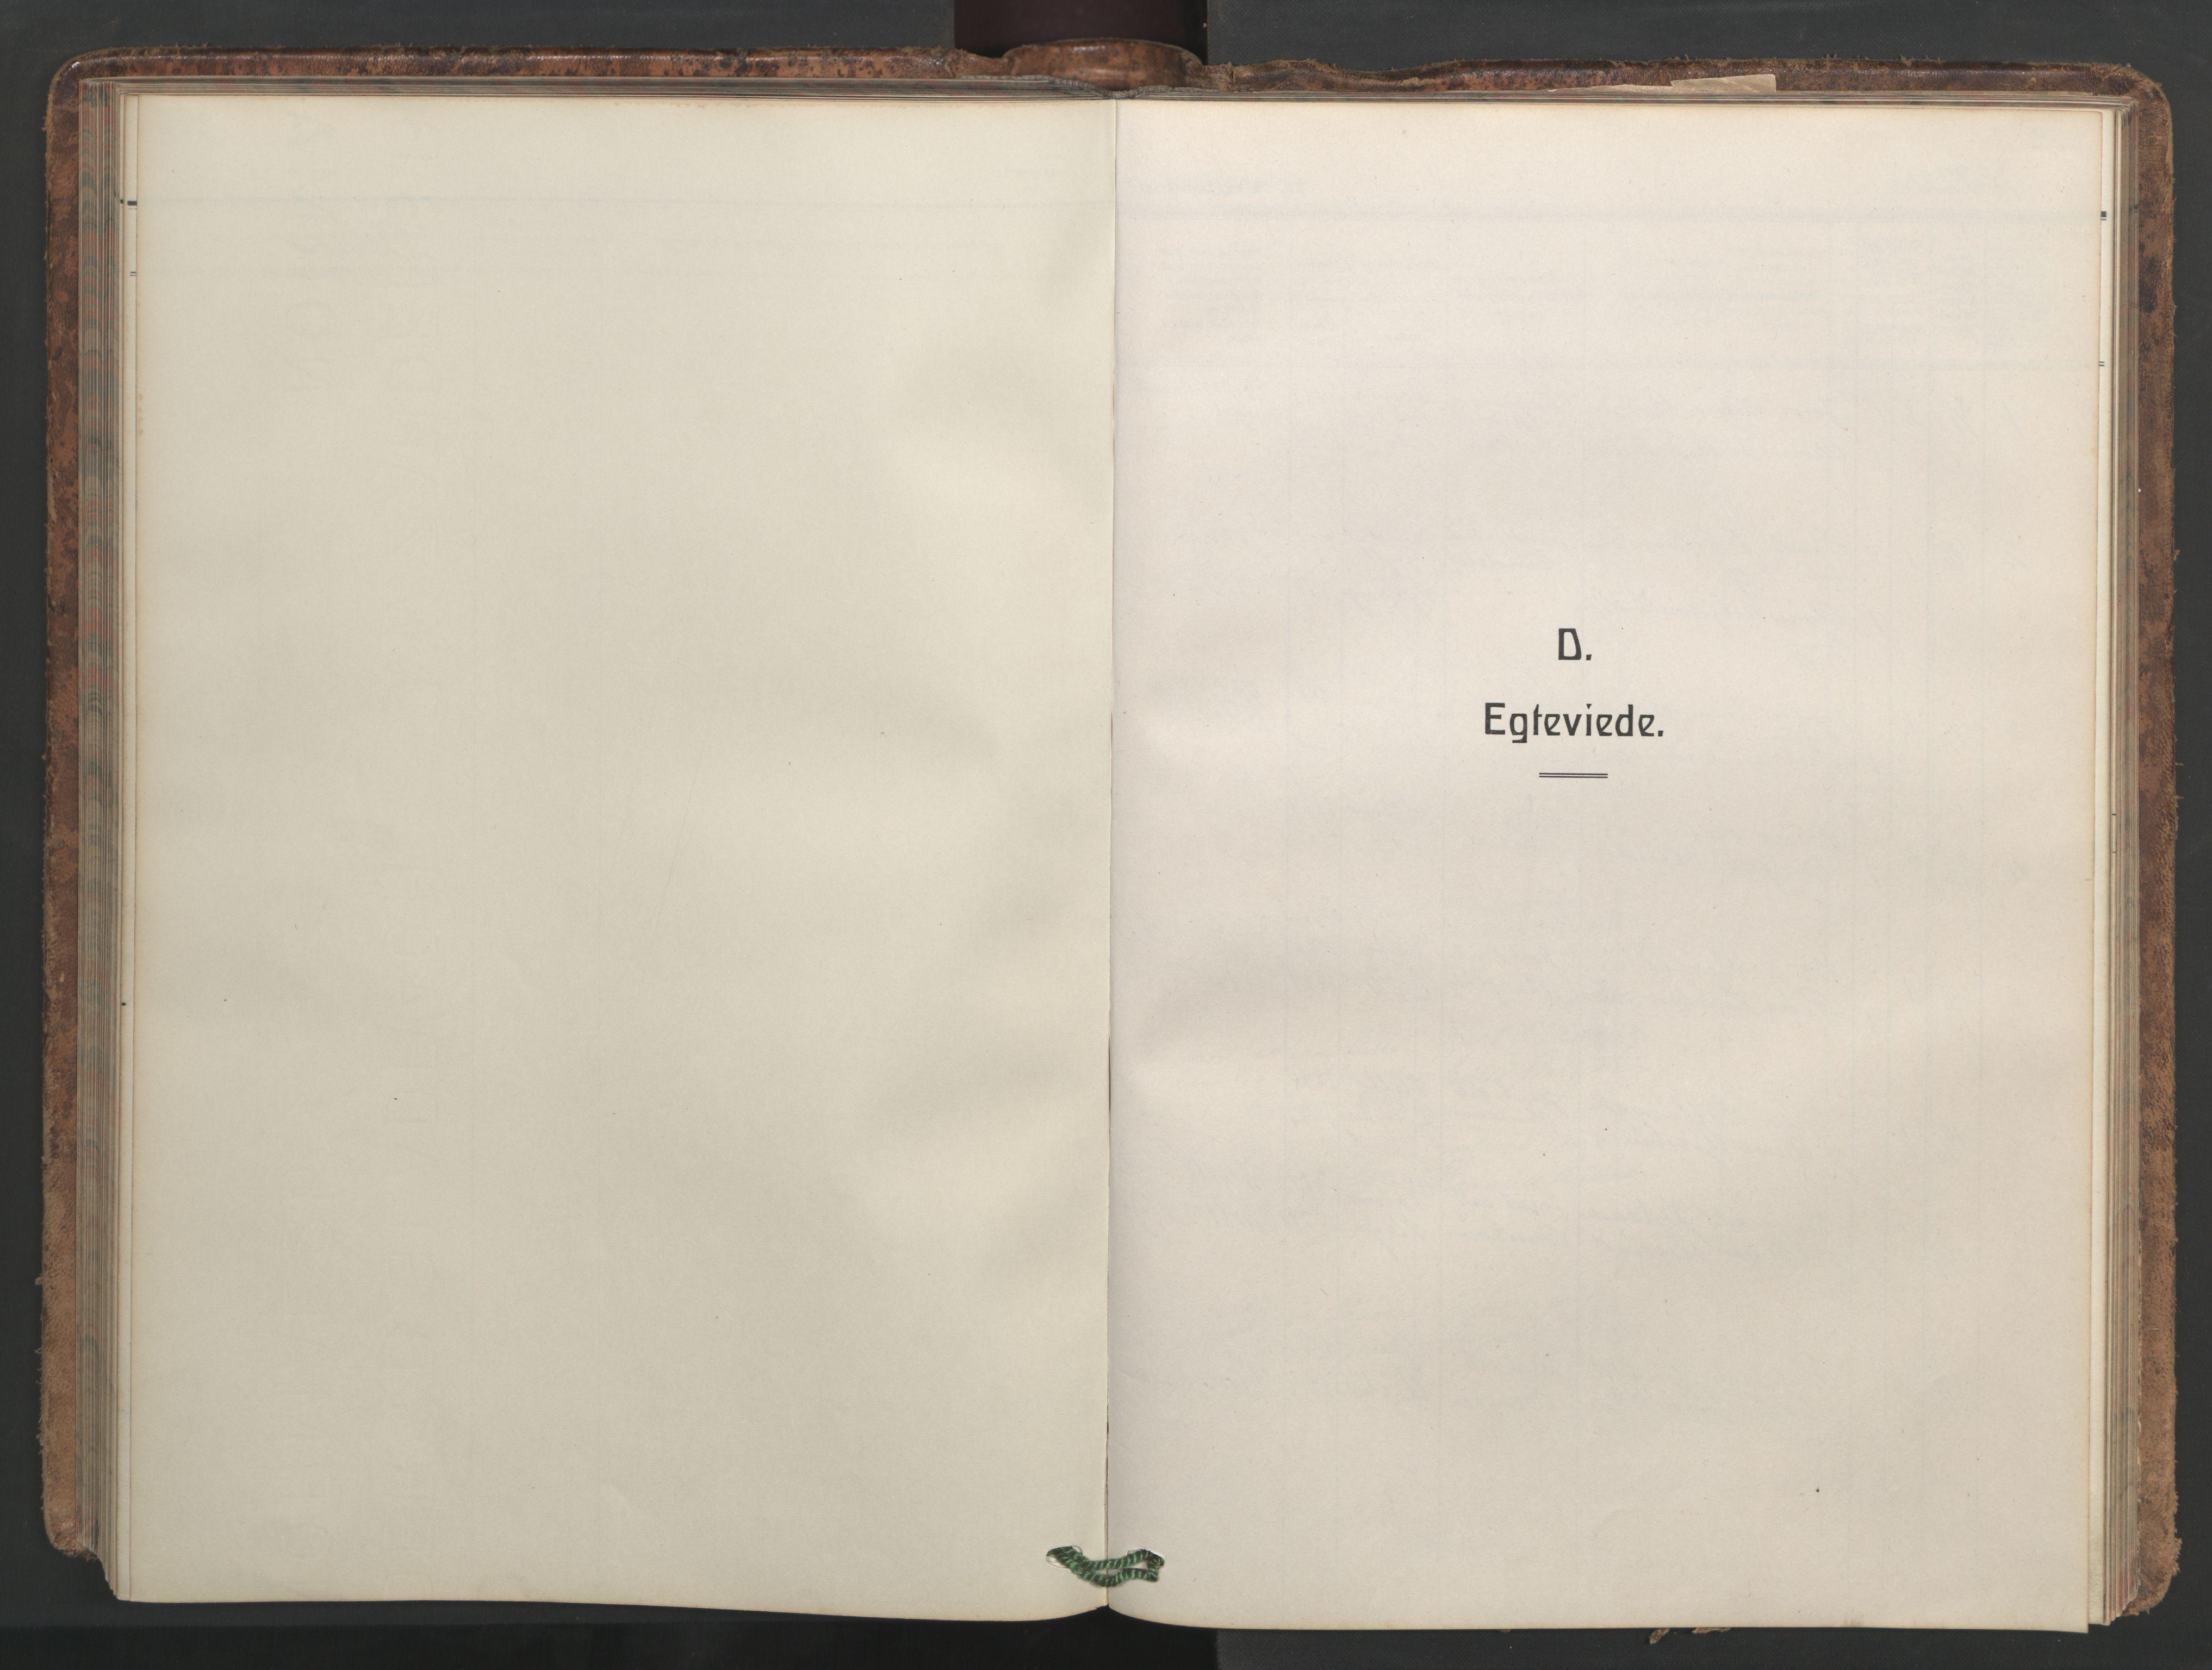 SAT, Ministerialprotokoller, klokkerbøker og fødselsregistre - Møre og Romsdal, 546/L0597: Klokkerbok nr. 546C03, 1921-1959